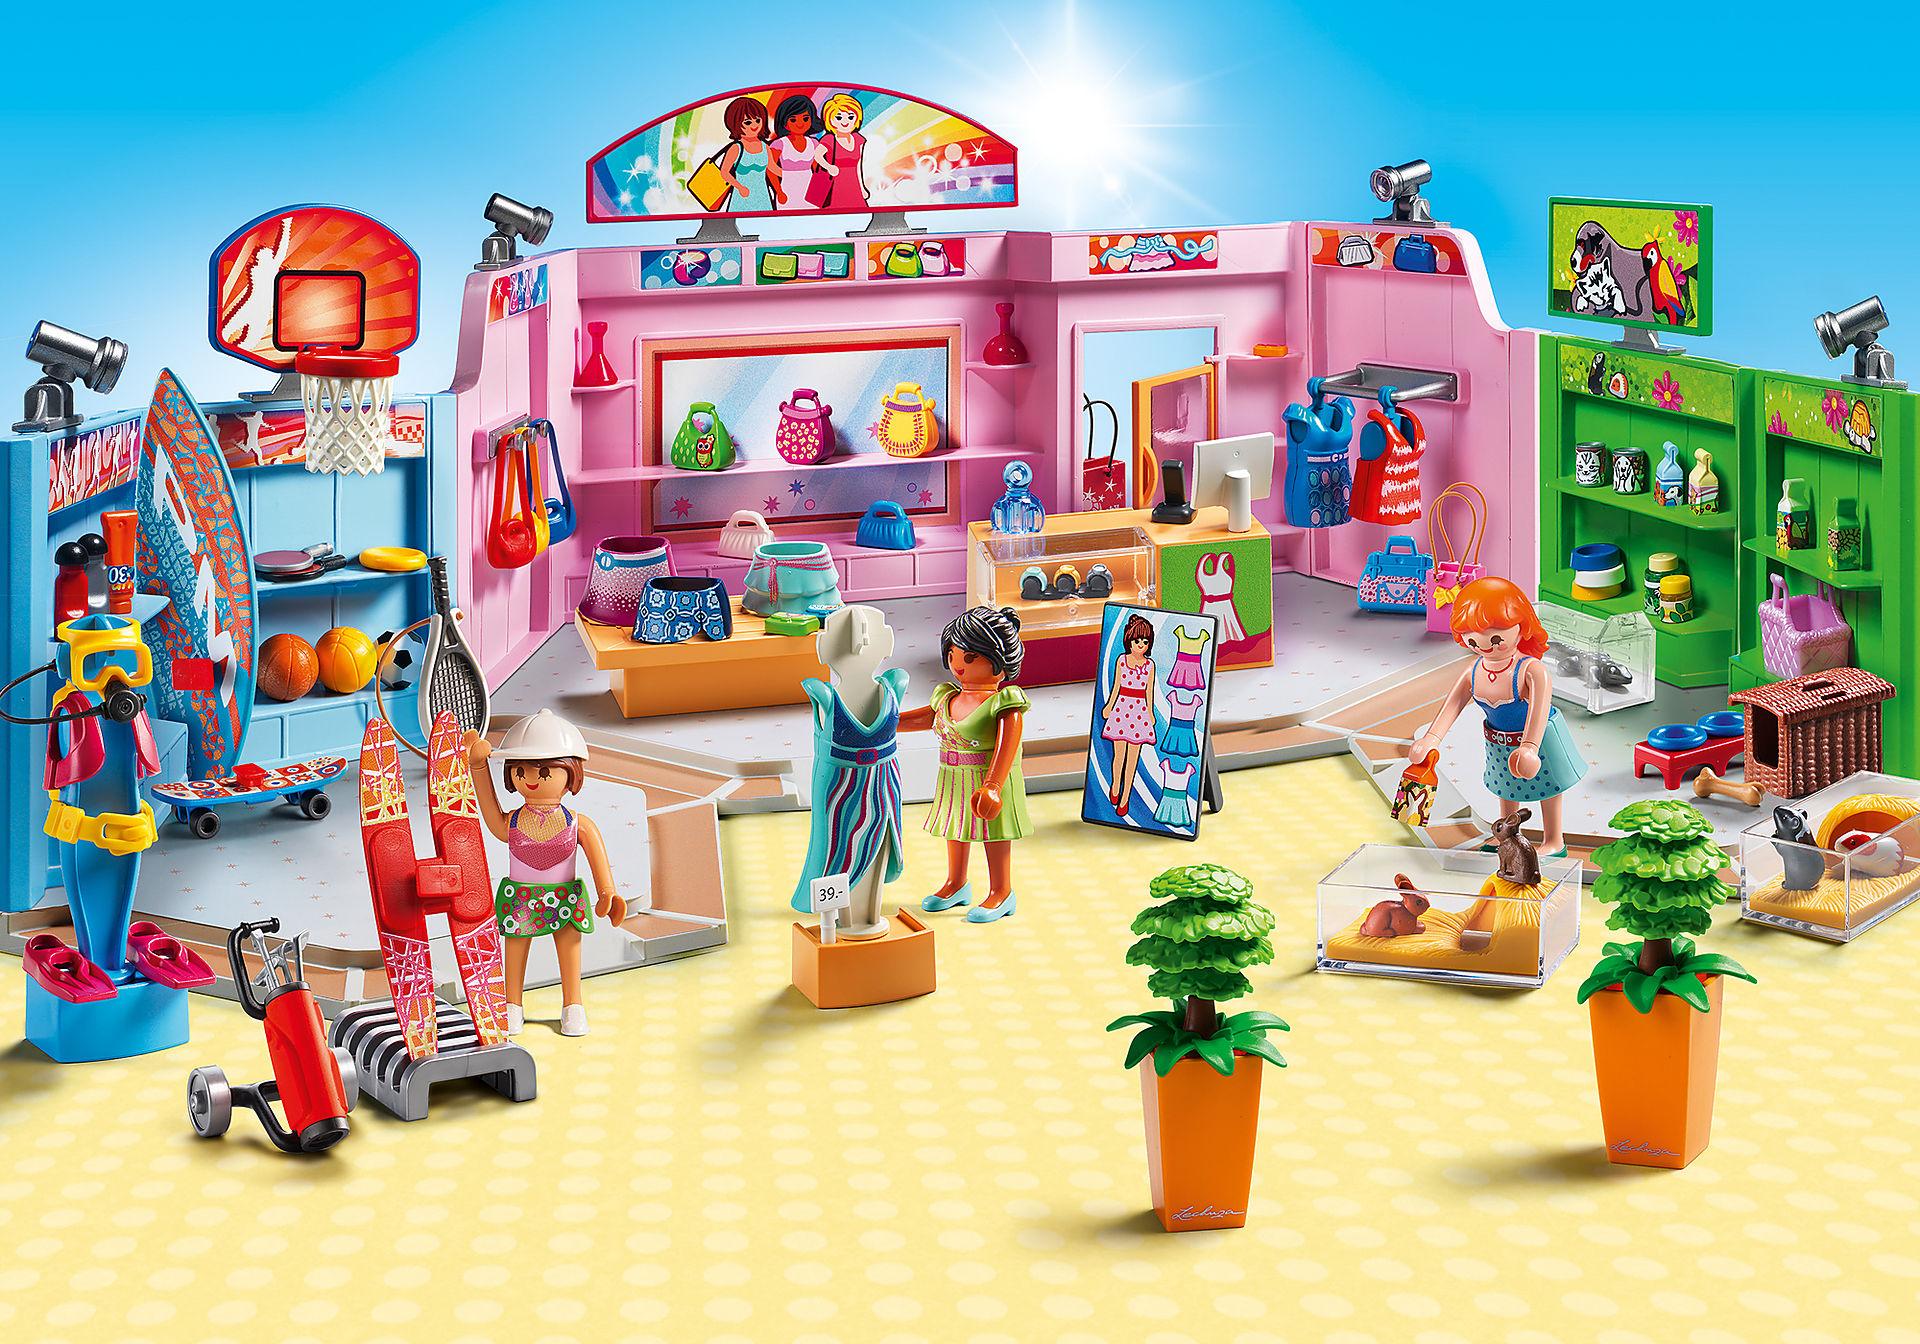 http://media.playmobil.com/i/playmobil/9078_product_detail/Galeria Comercial com 3 lojas